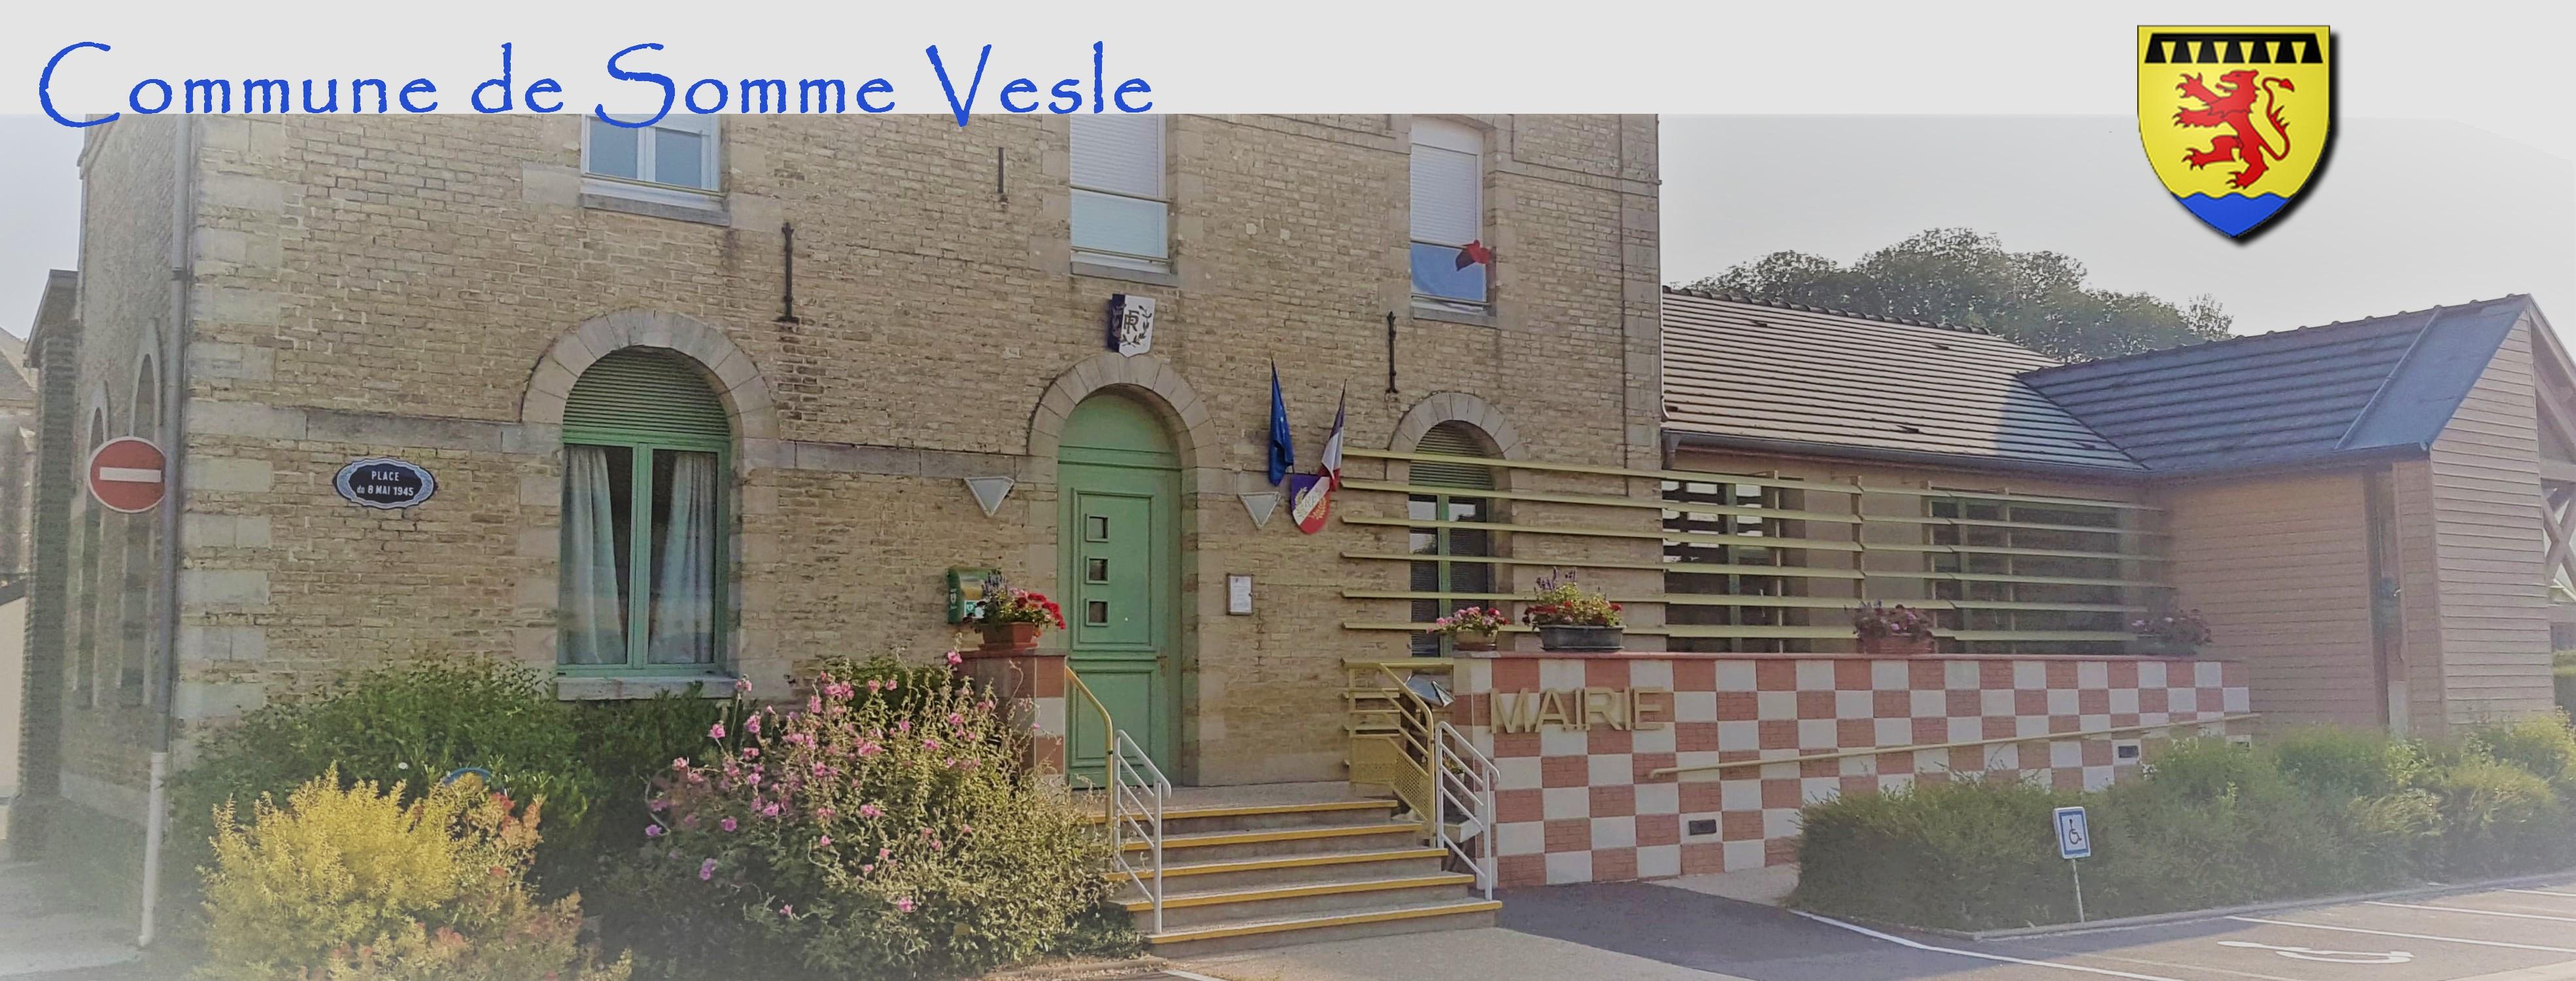 Commune de Somme Vesle